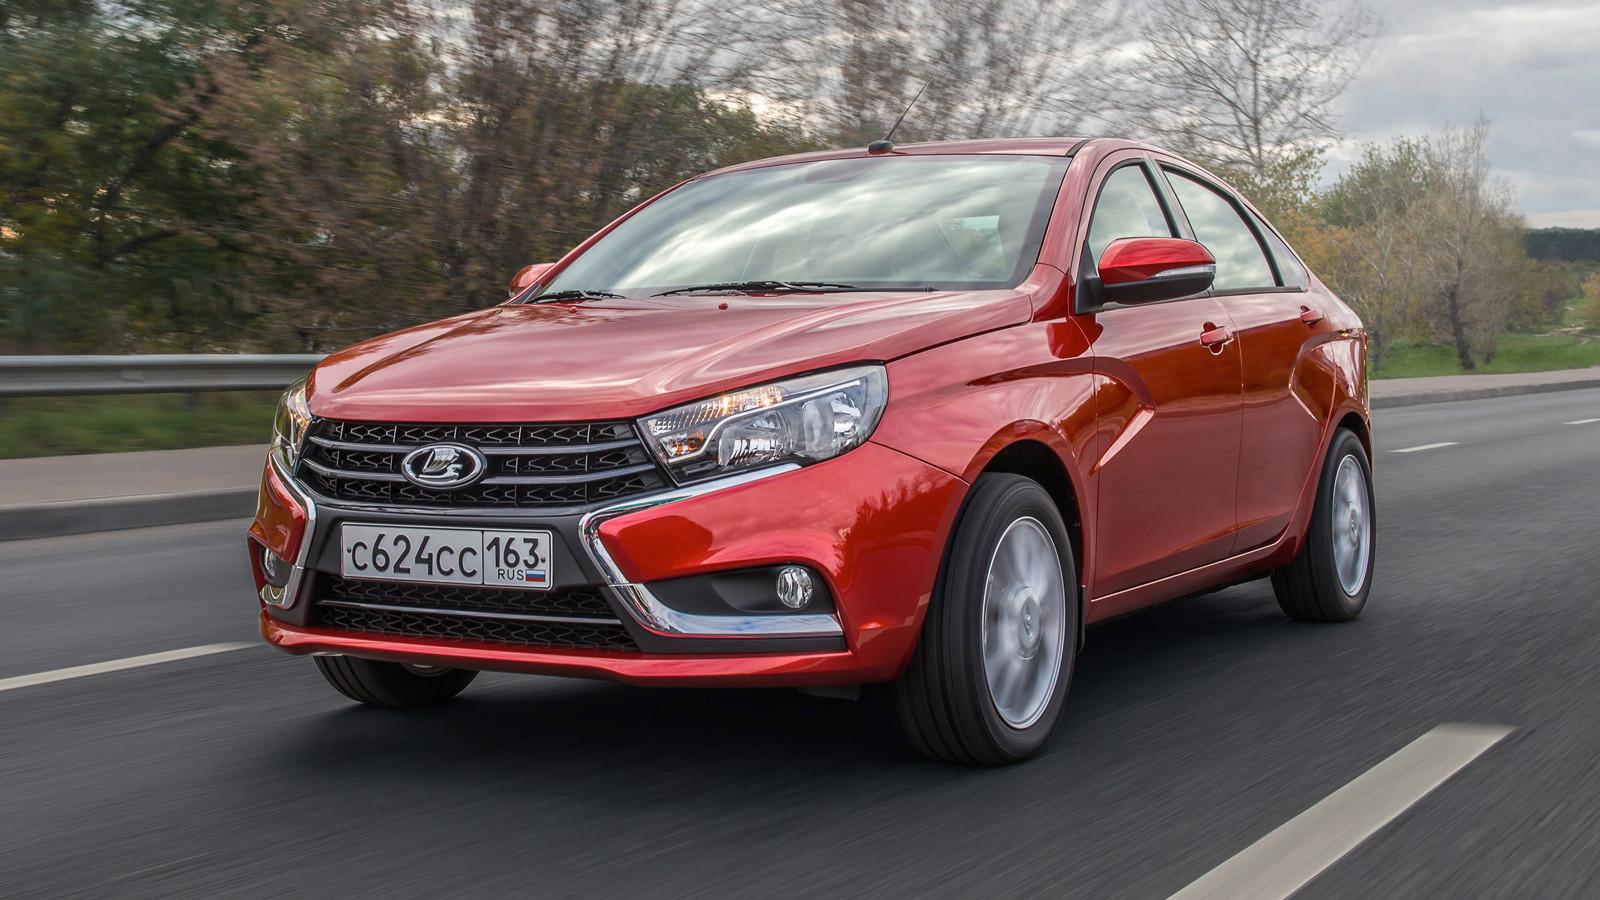 В РФ упали продажи авто бизнес-класса